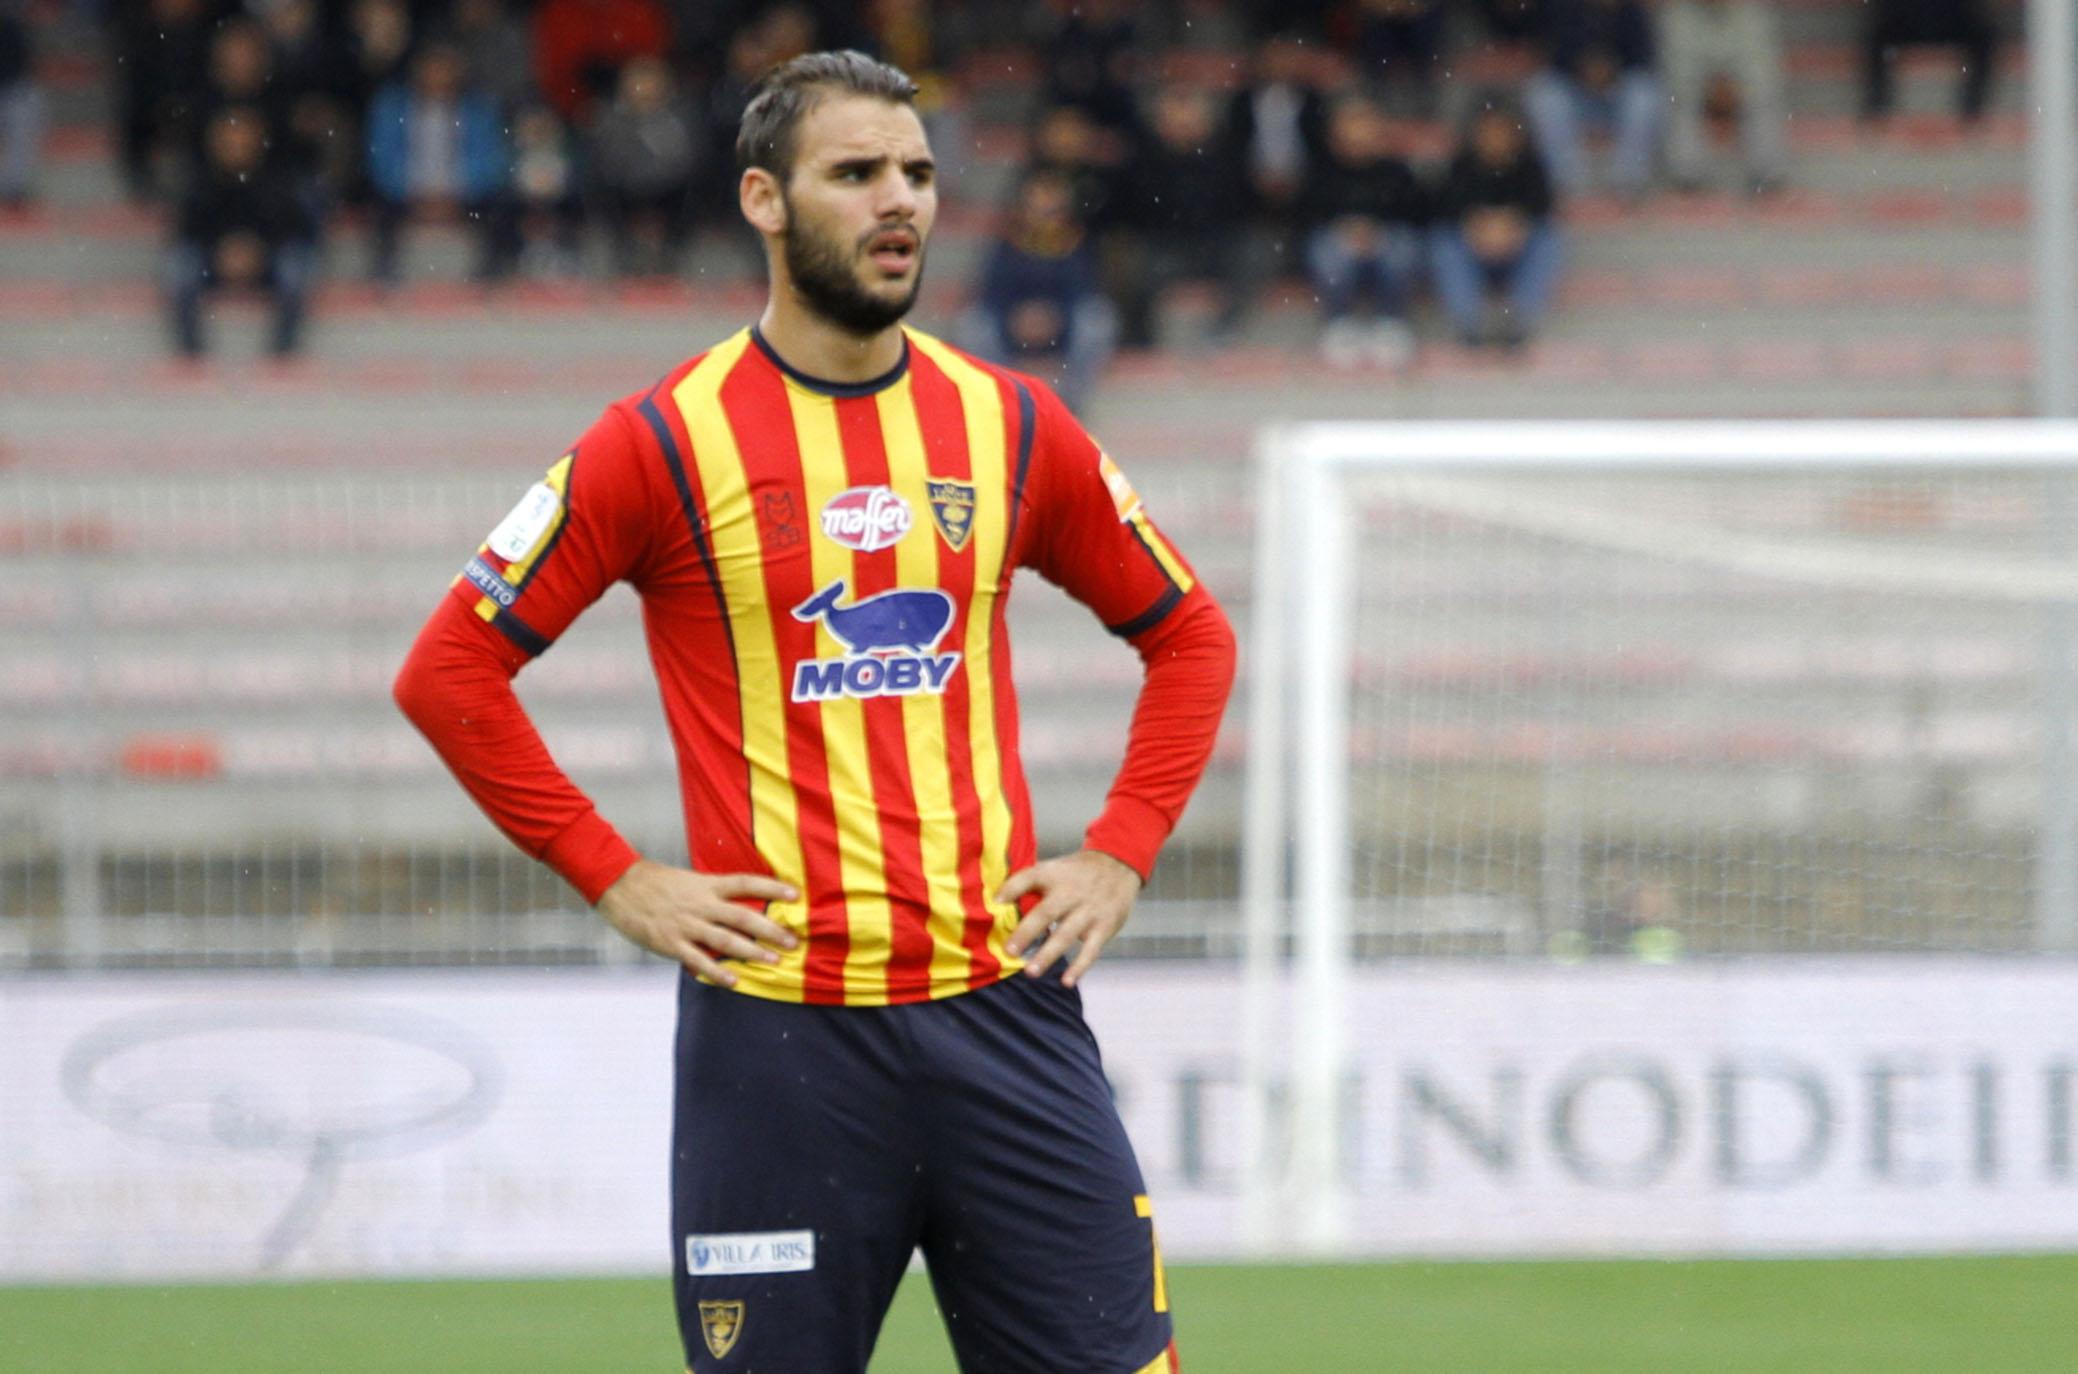 L'ex di turno, il gelido Tachtsidis - Calcio Lecce